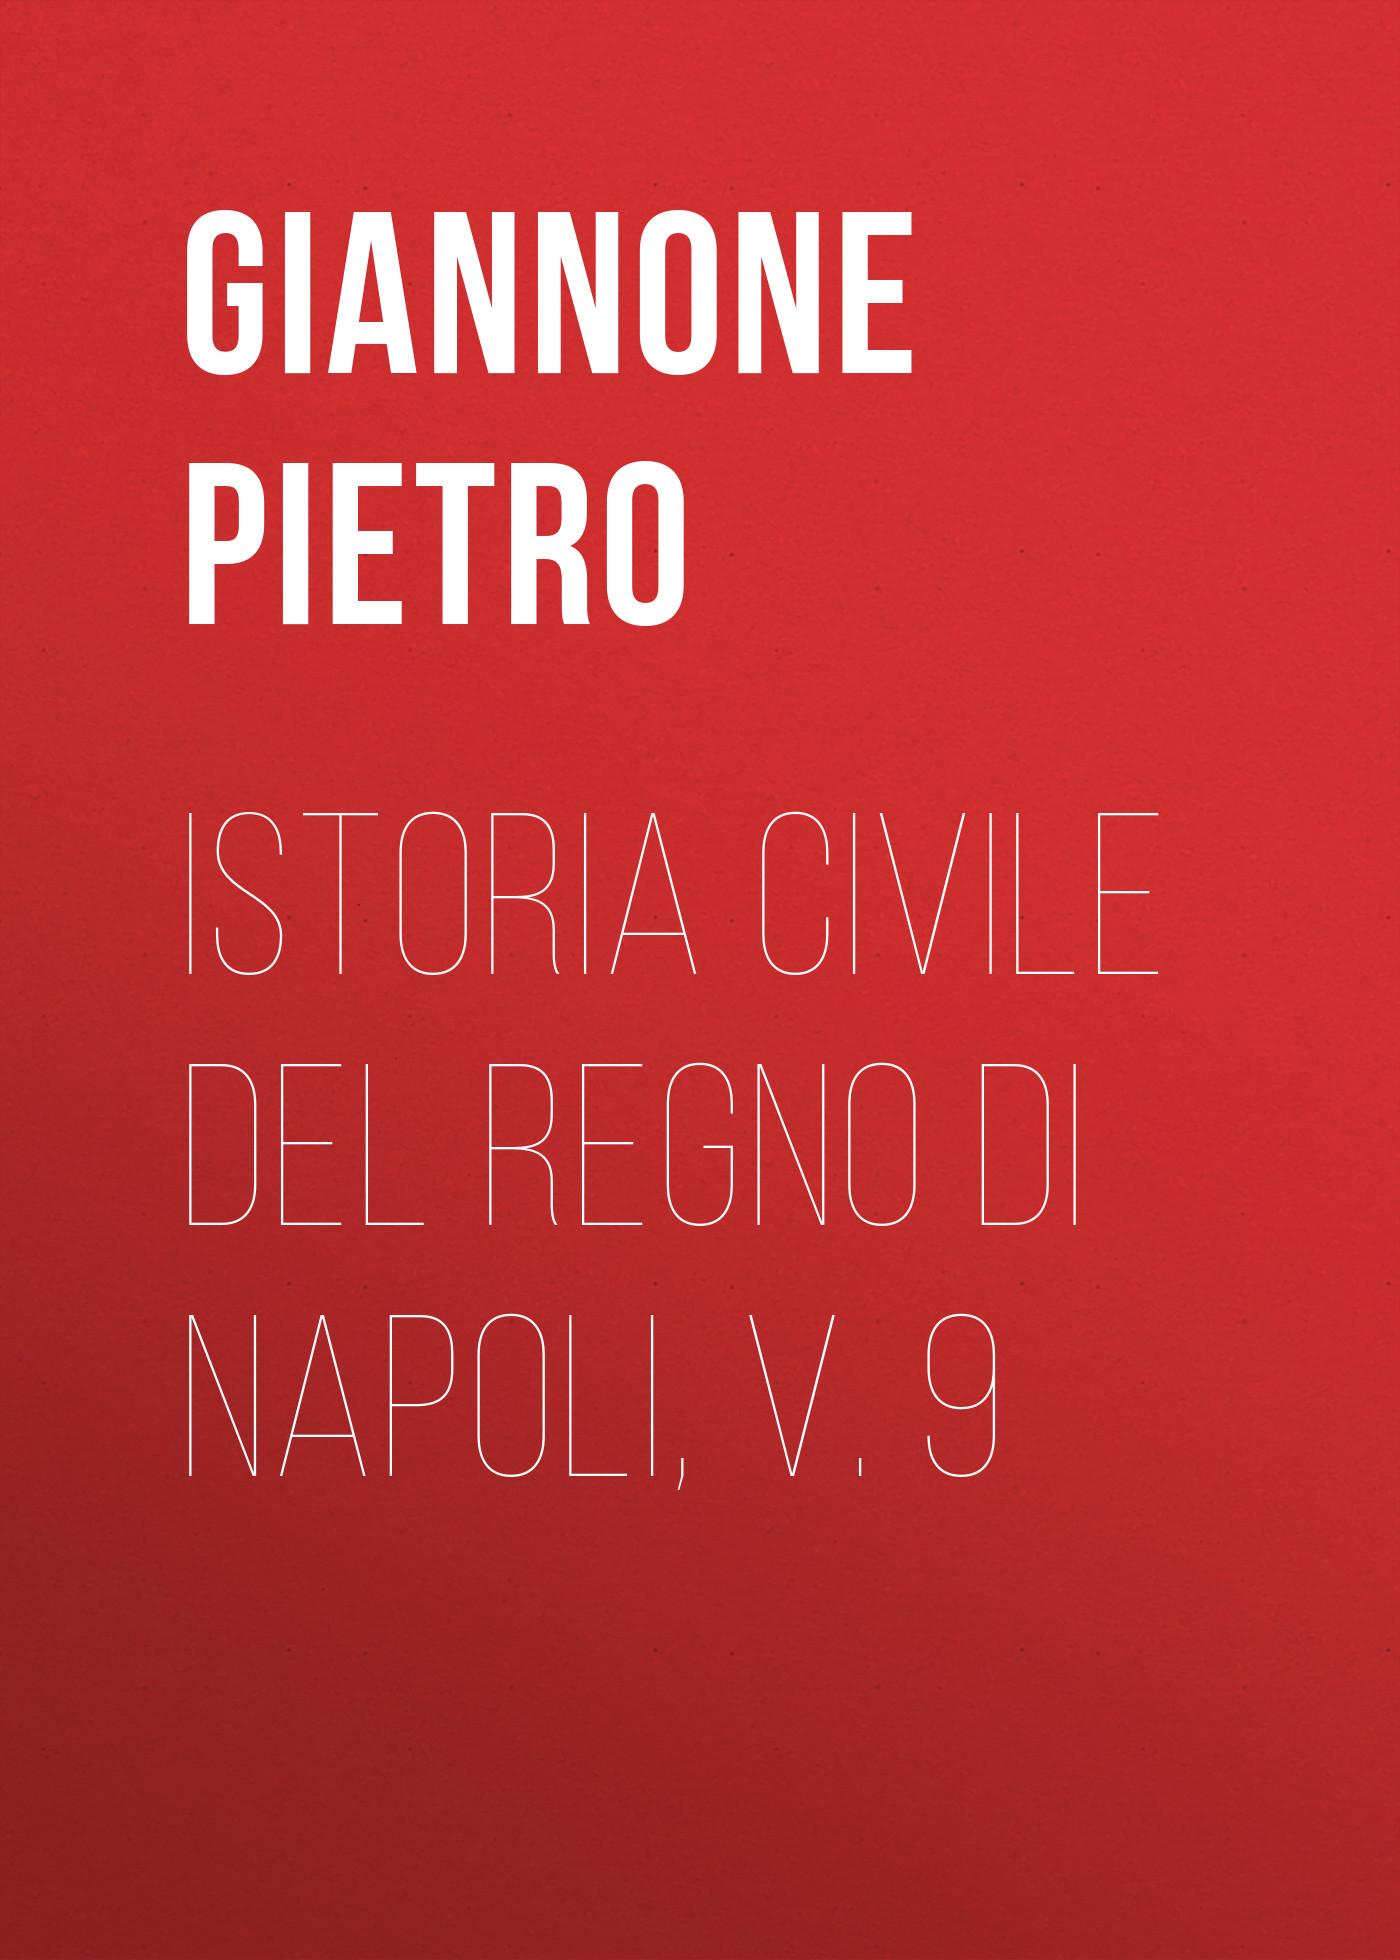 Giannone Pietro Istoria civile del Regno di Napoli, v. 9 angelo di costanza istoria del regno di napoli vol 1 classic reprint